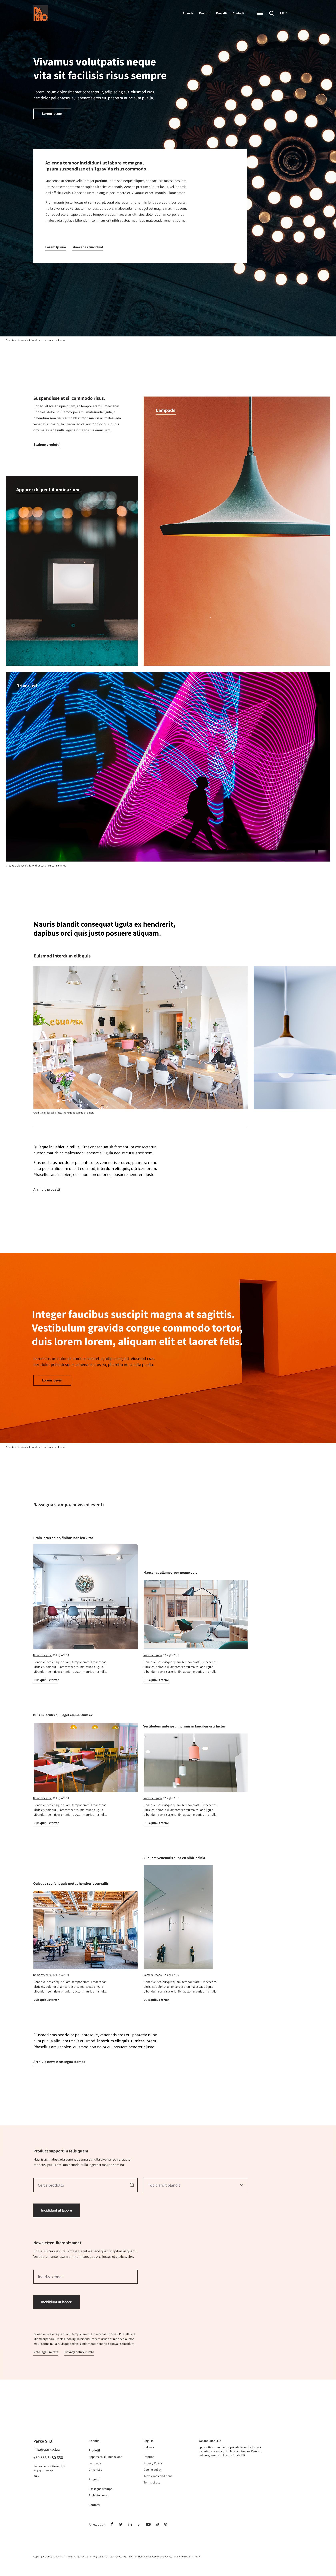 parko.biz homepage layout